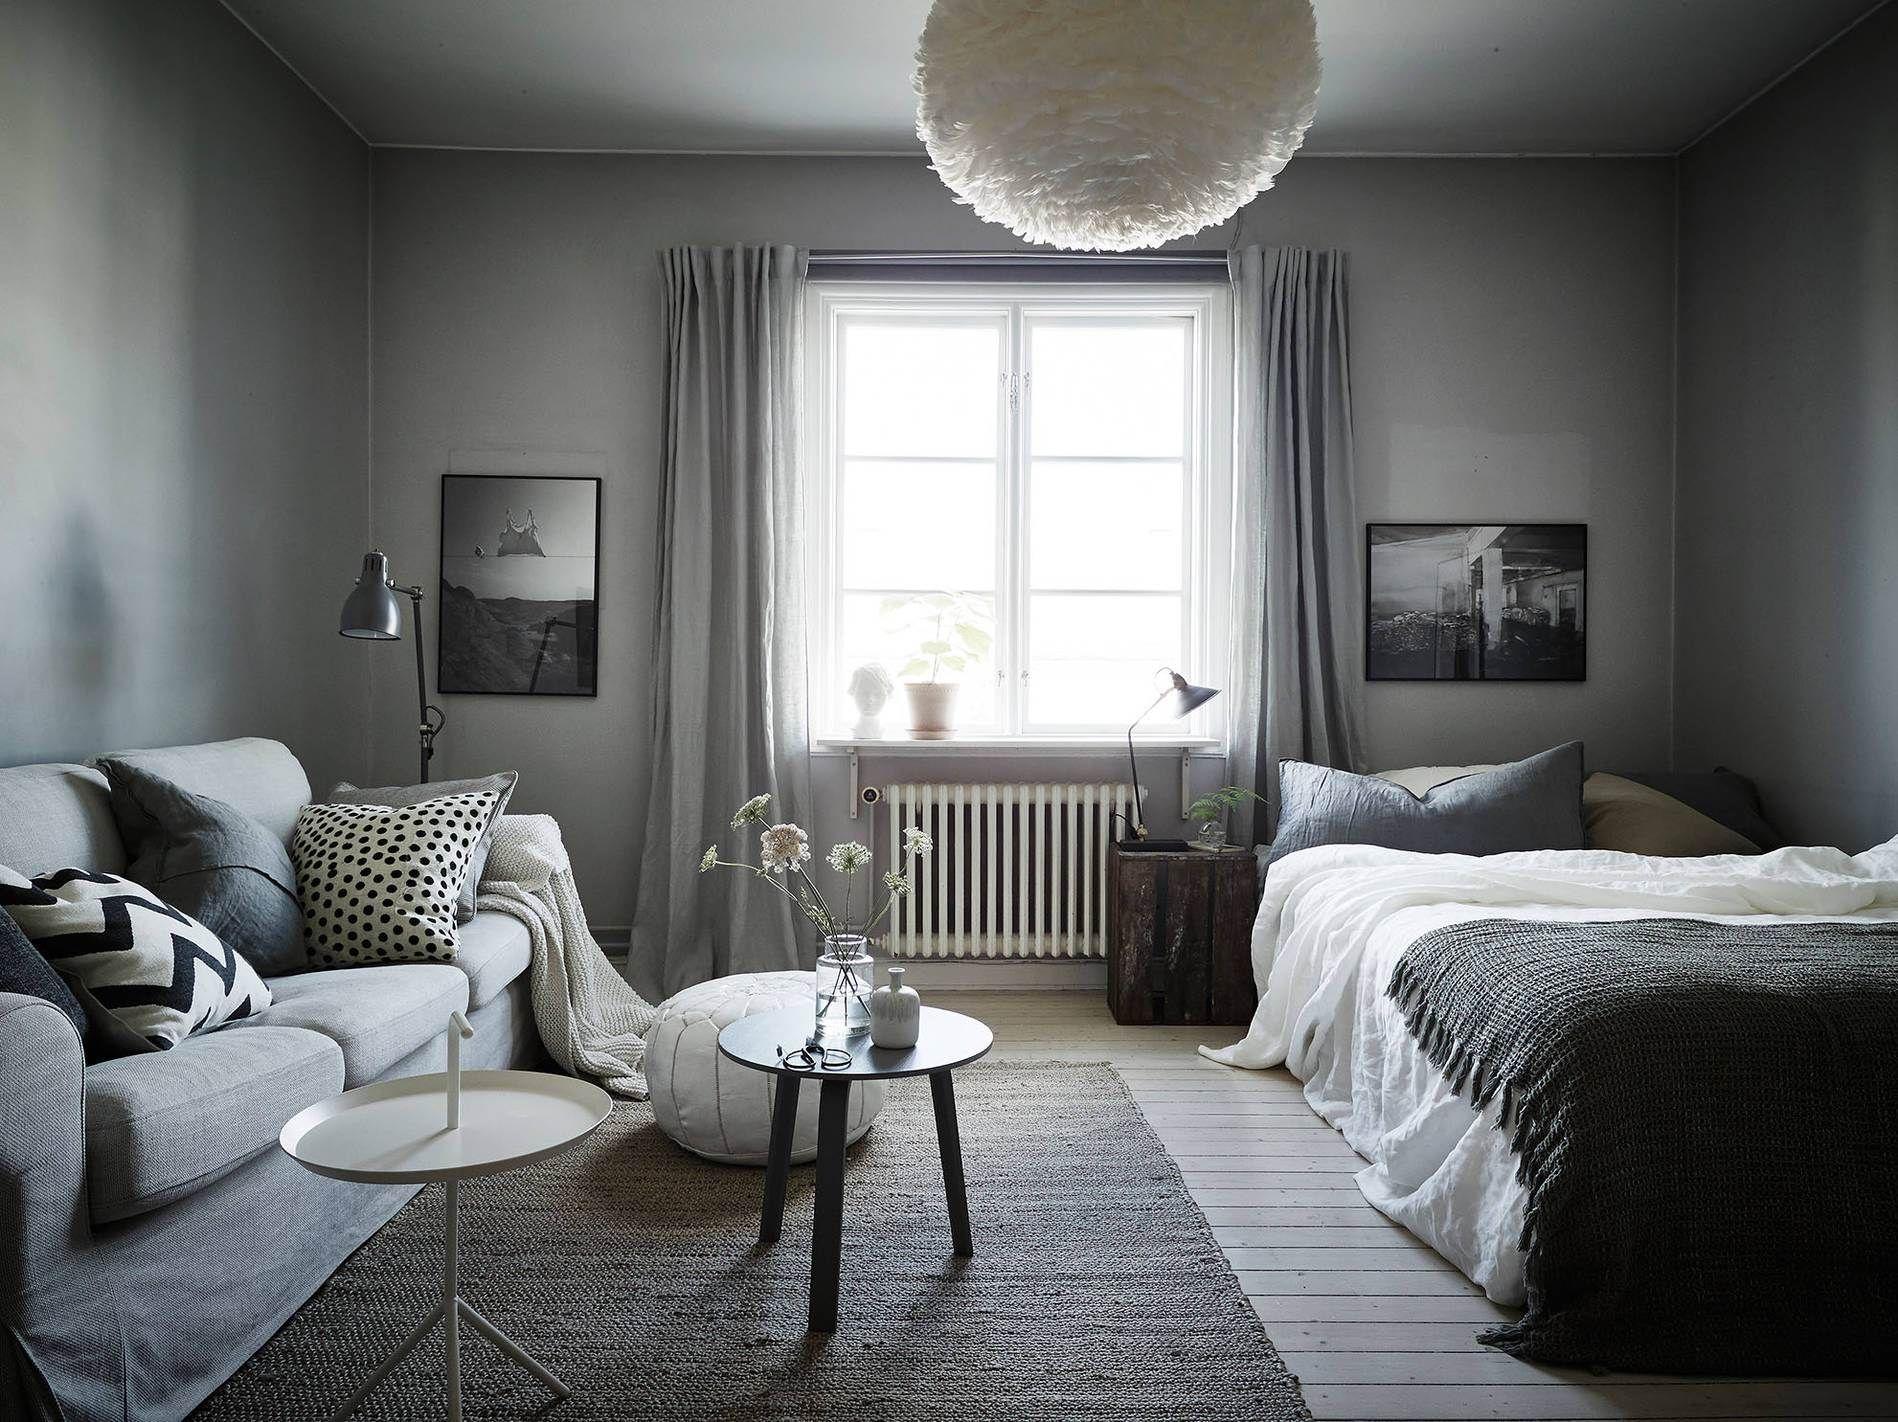 Kleine Wohnung, Wohnungseinrichtung, Nordisch Wohnen, Jugendzimmer  Gestalten, Erste Eigene Wohnung, Neues Zuhause, Einrichten Und Wohnen,  Schlafzimmer Ideen ...